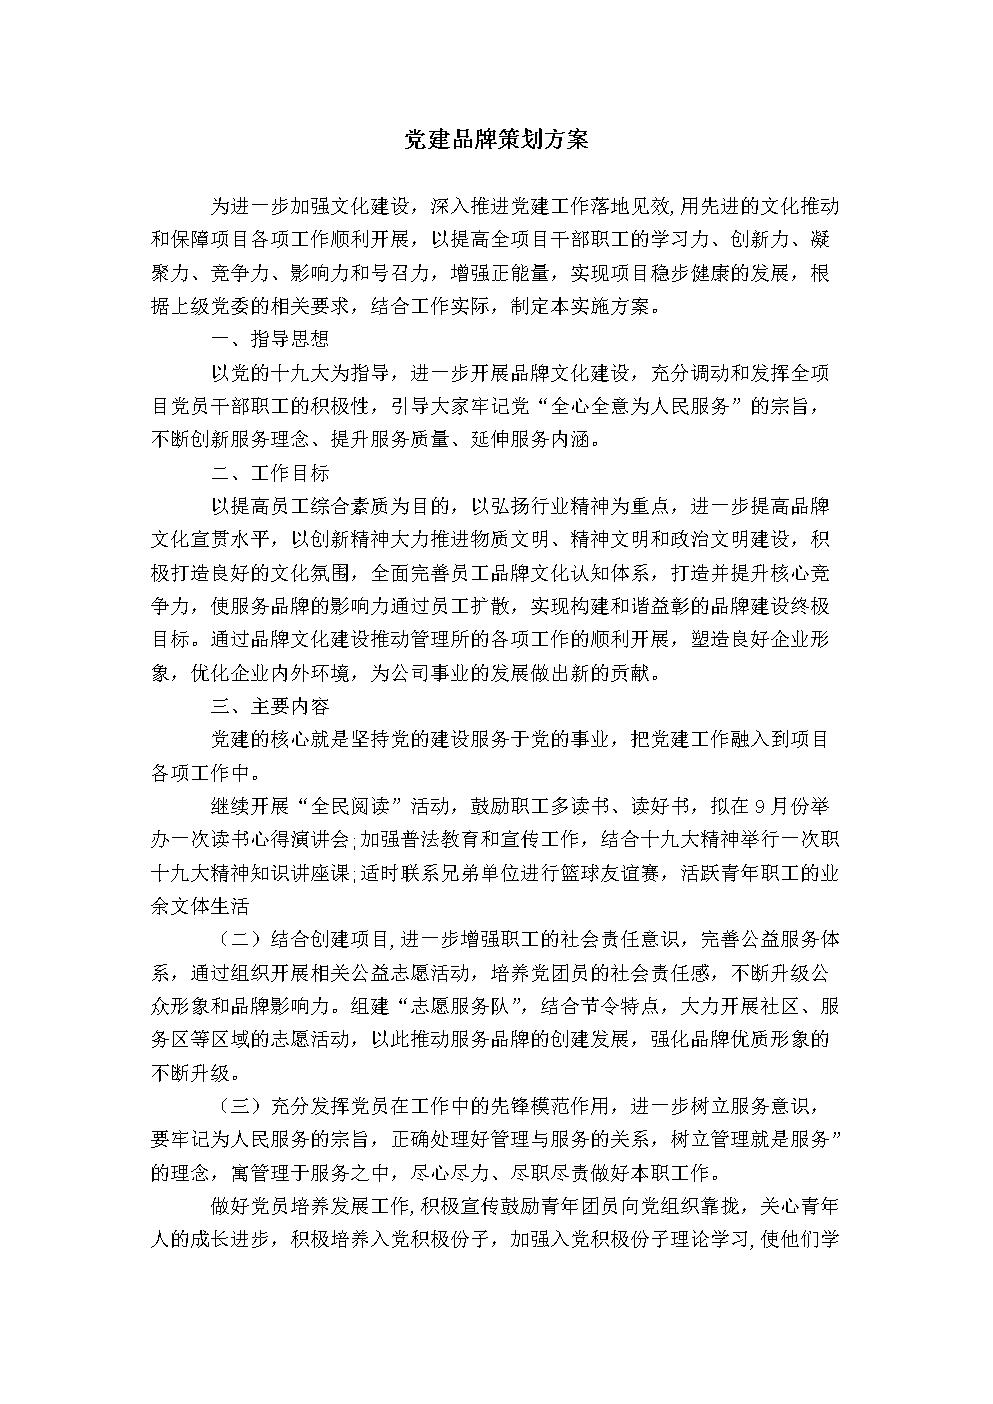 党建品牌策划方案.doc